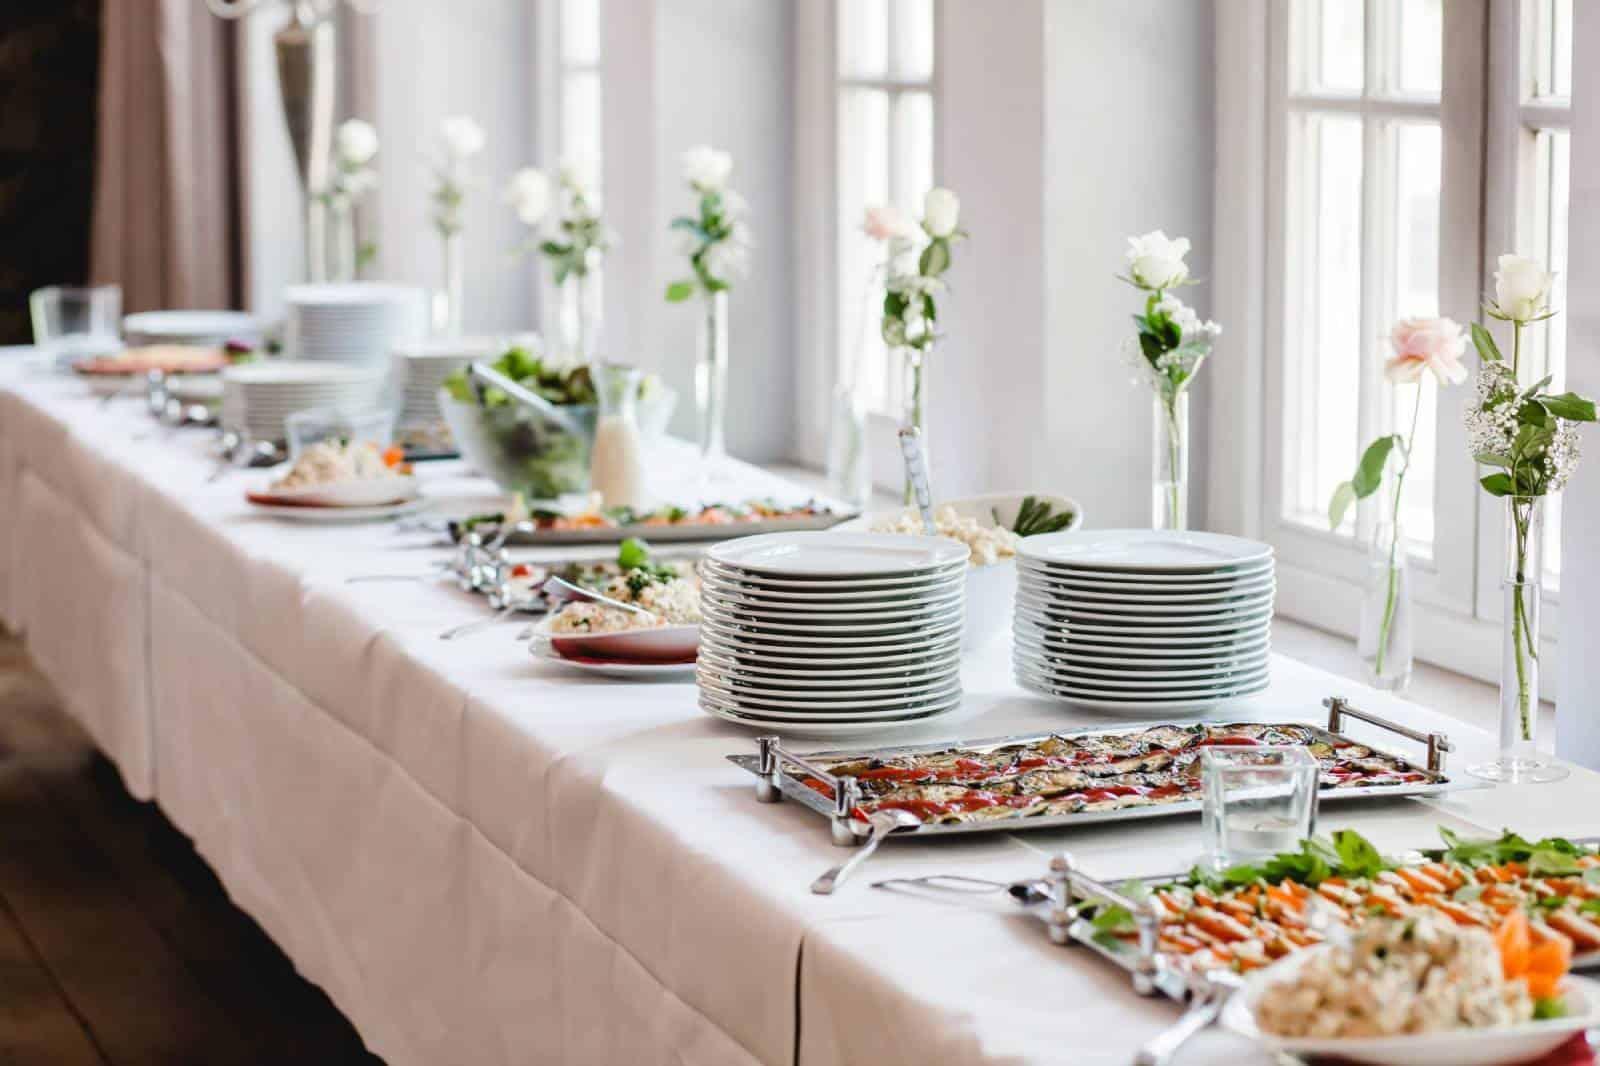 Hochzeitsessen auf dem Tisch innen